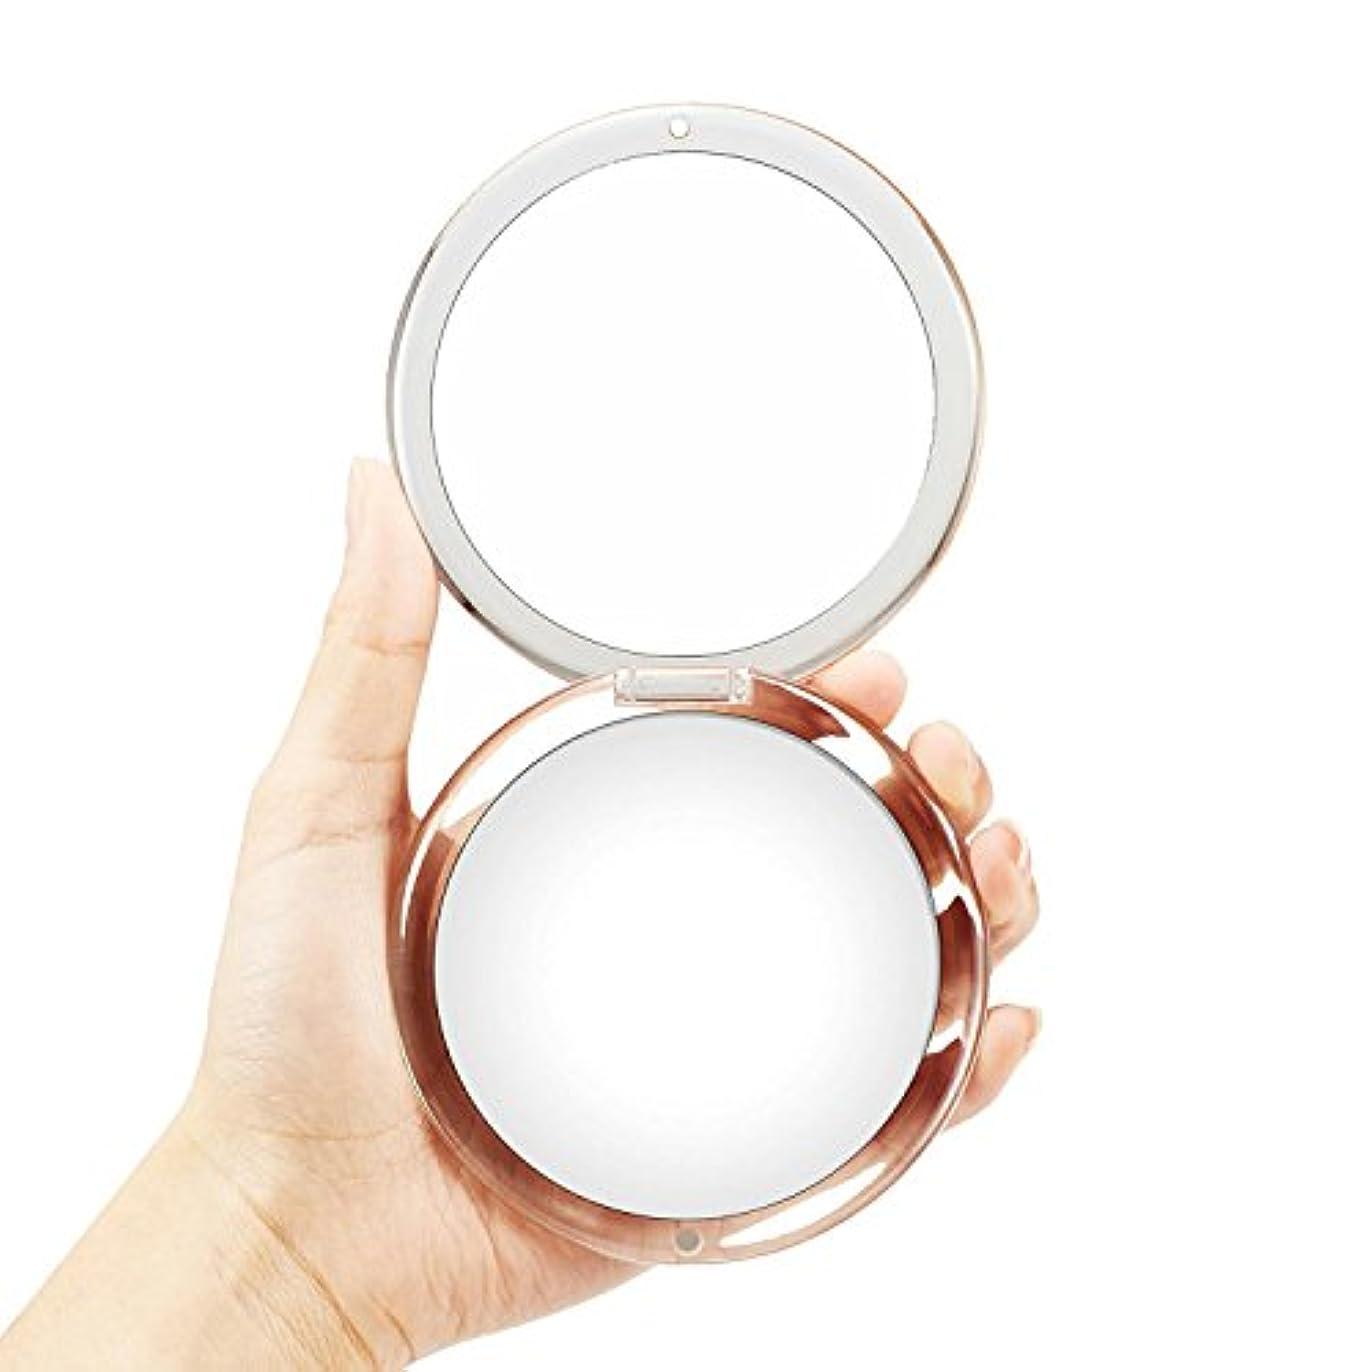 枯渇する形才能OMIRO折り畳み式ポータブルレンズ、5倍拡大鏡90mmポケットラウンドハンドヘルドメイクアップミラー(シルバー)